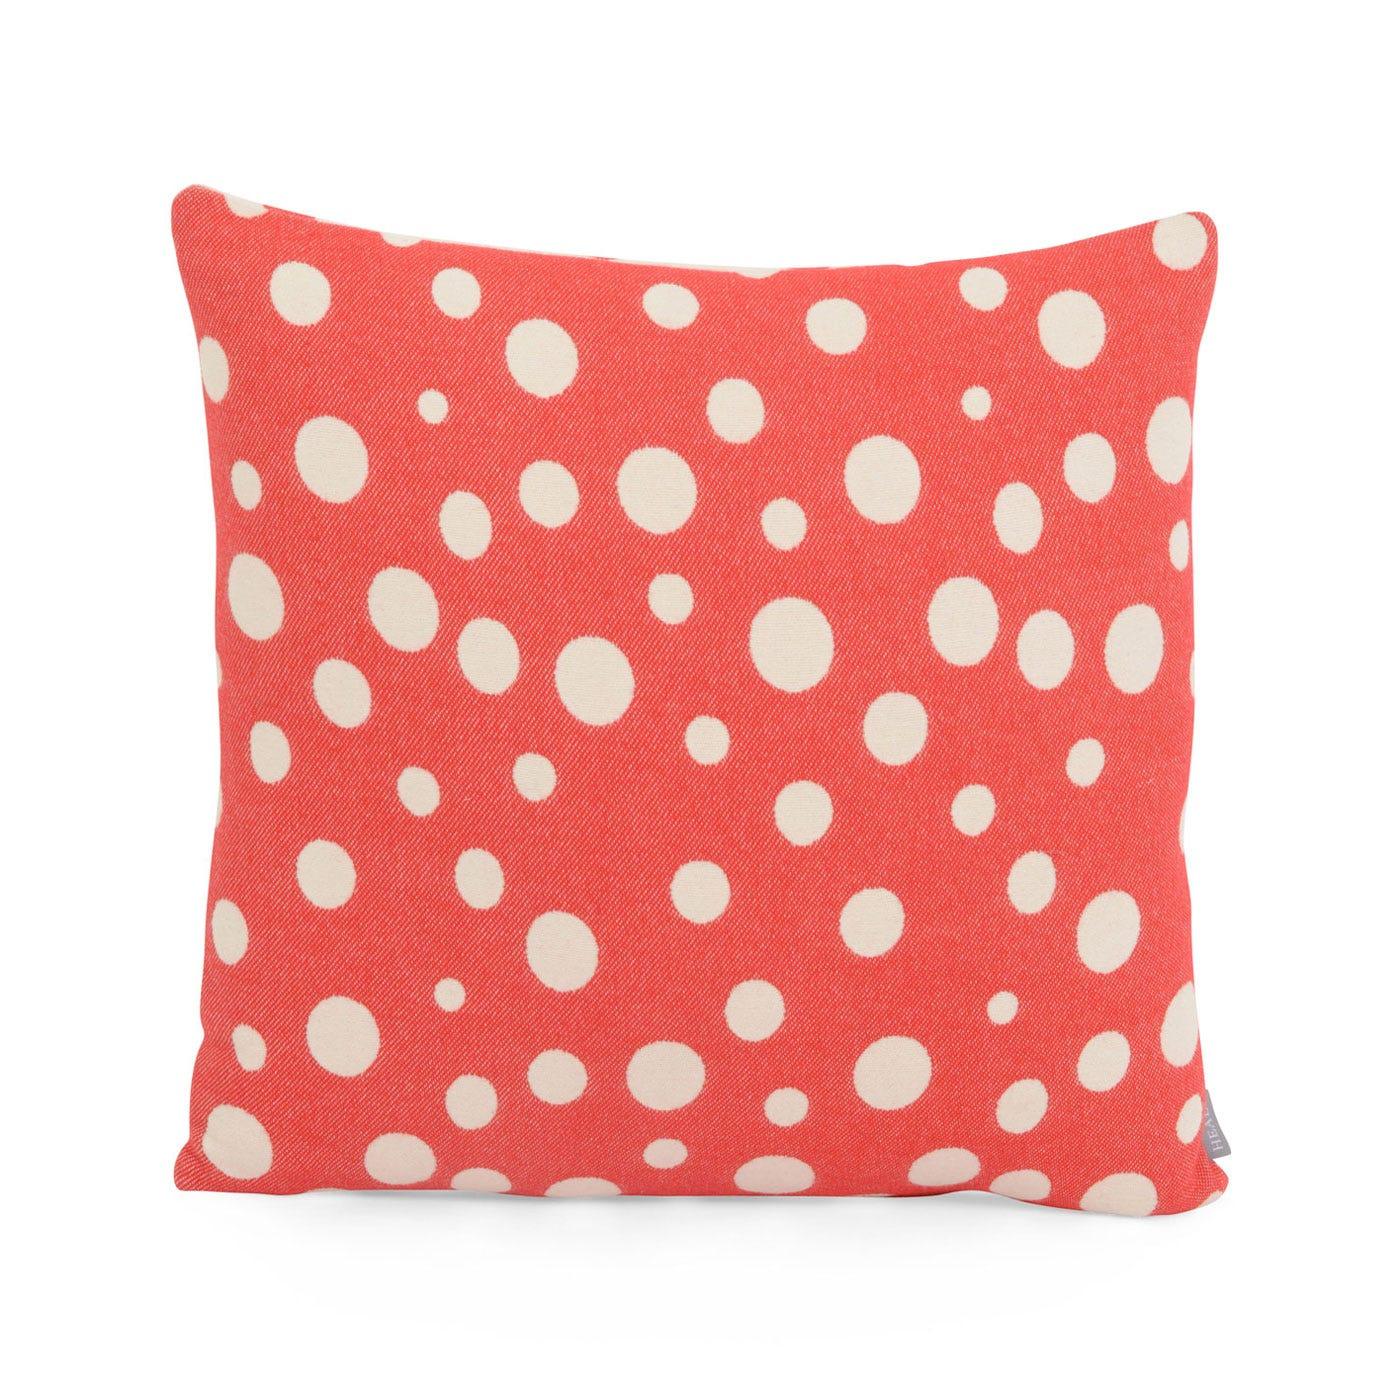 Dotty Cushion